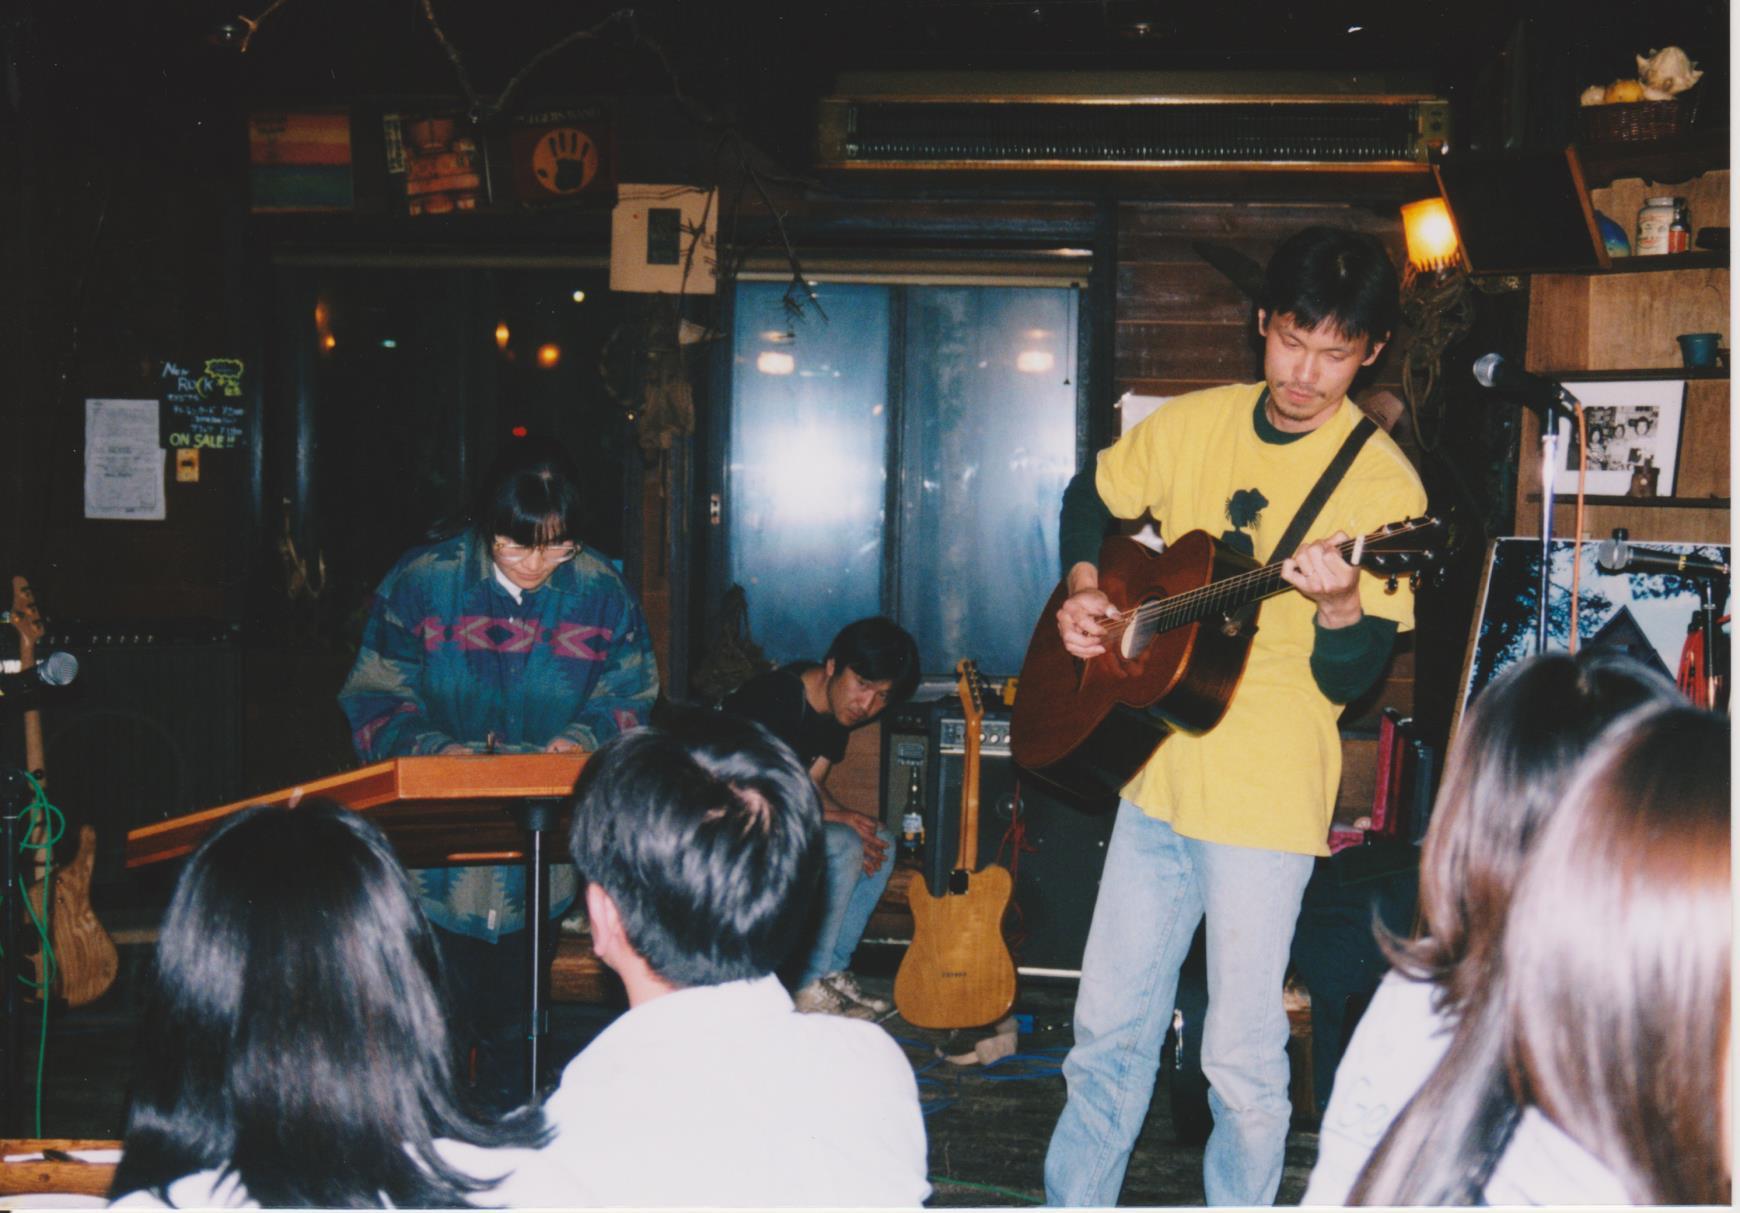 初期の亀工房(笑)清里開拓の象徴的なお店「ROCK」(今は無き旧店舗)でのライブ。